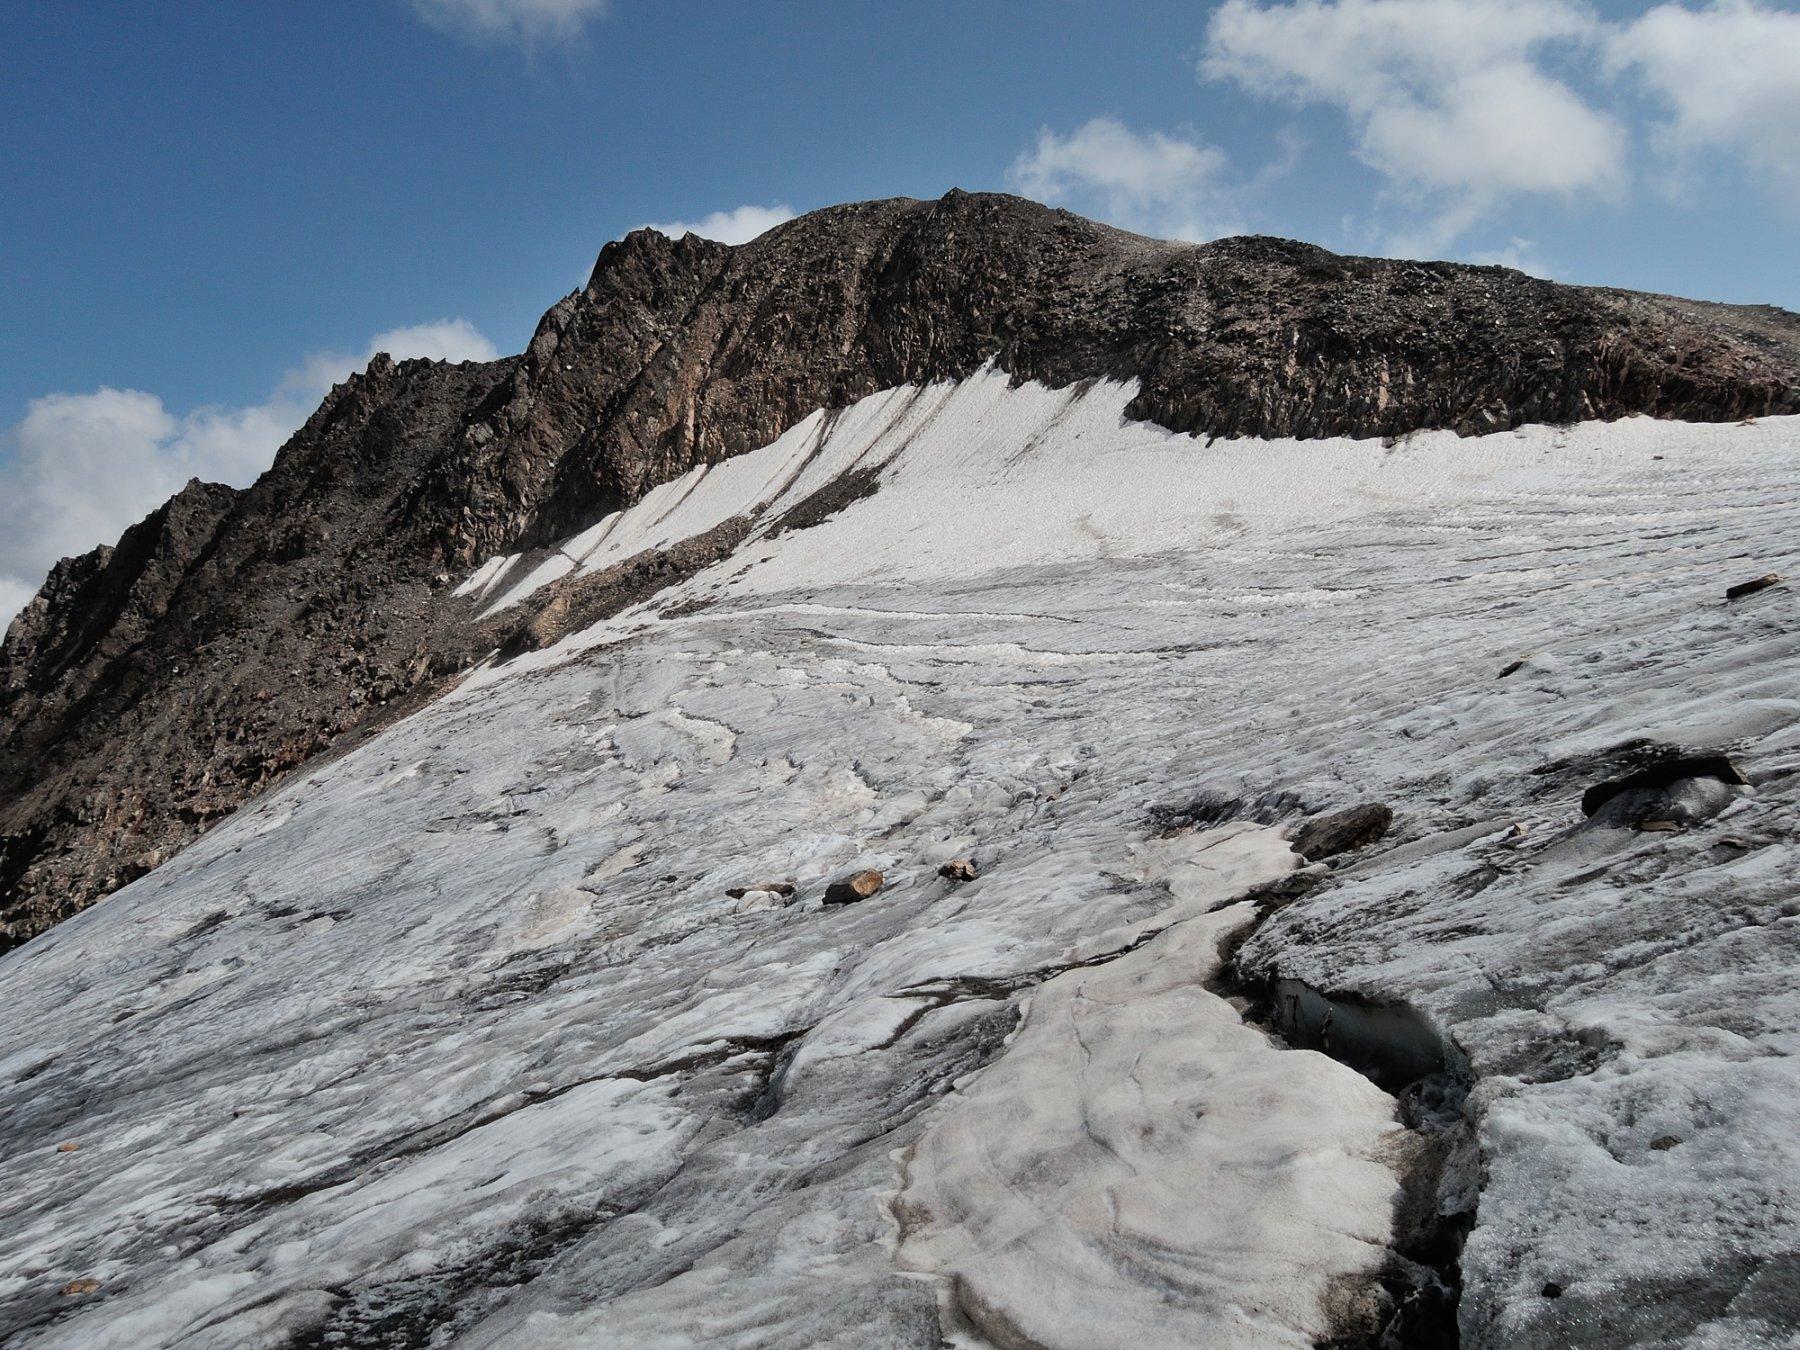 Crepacci nella parte alta del ghiacciaio